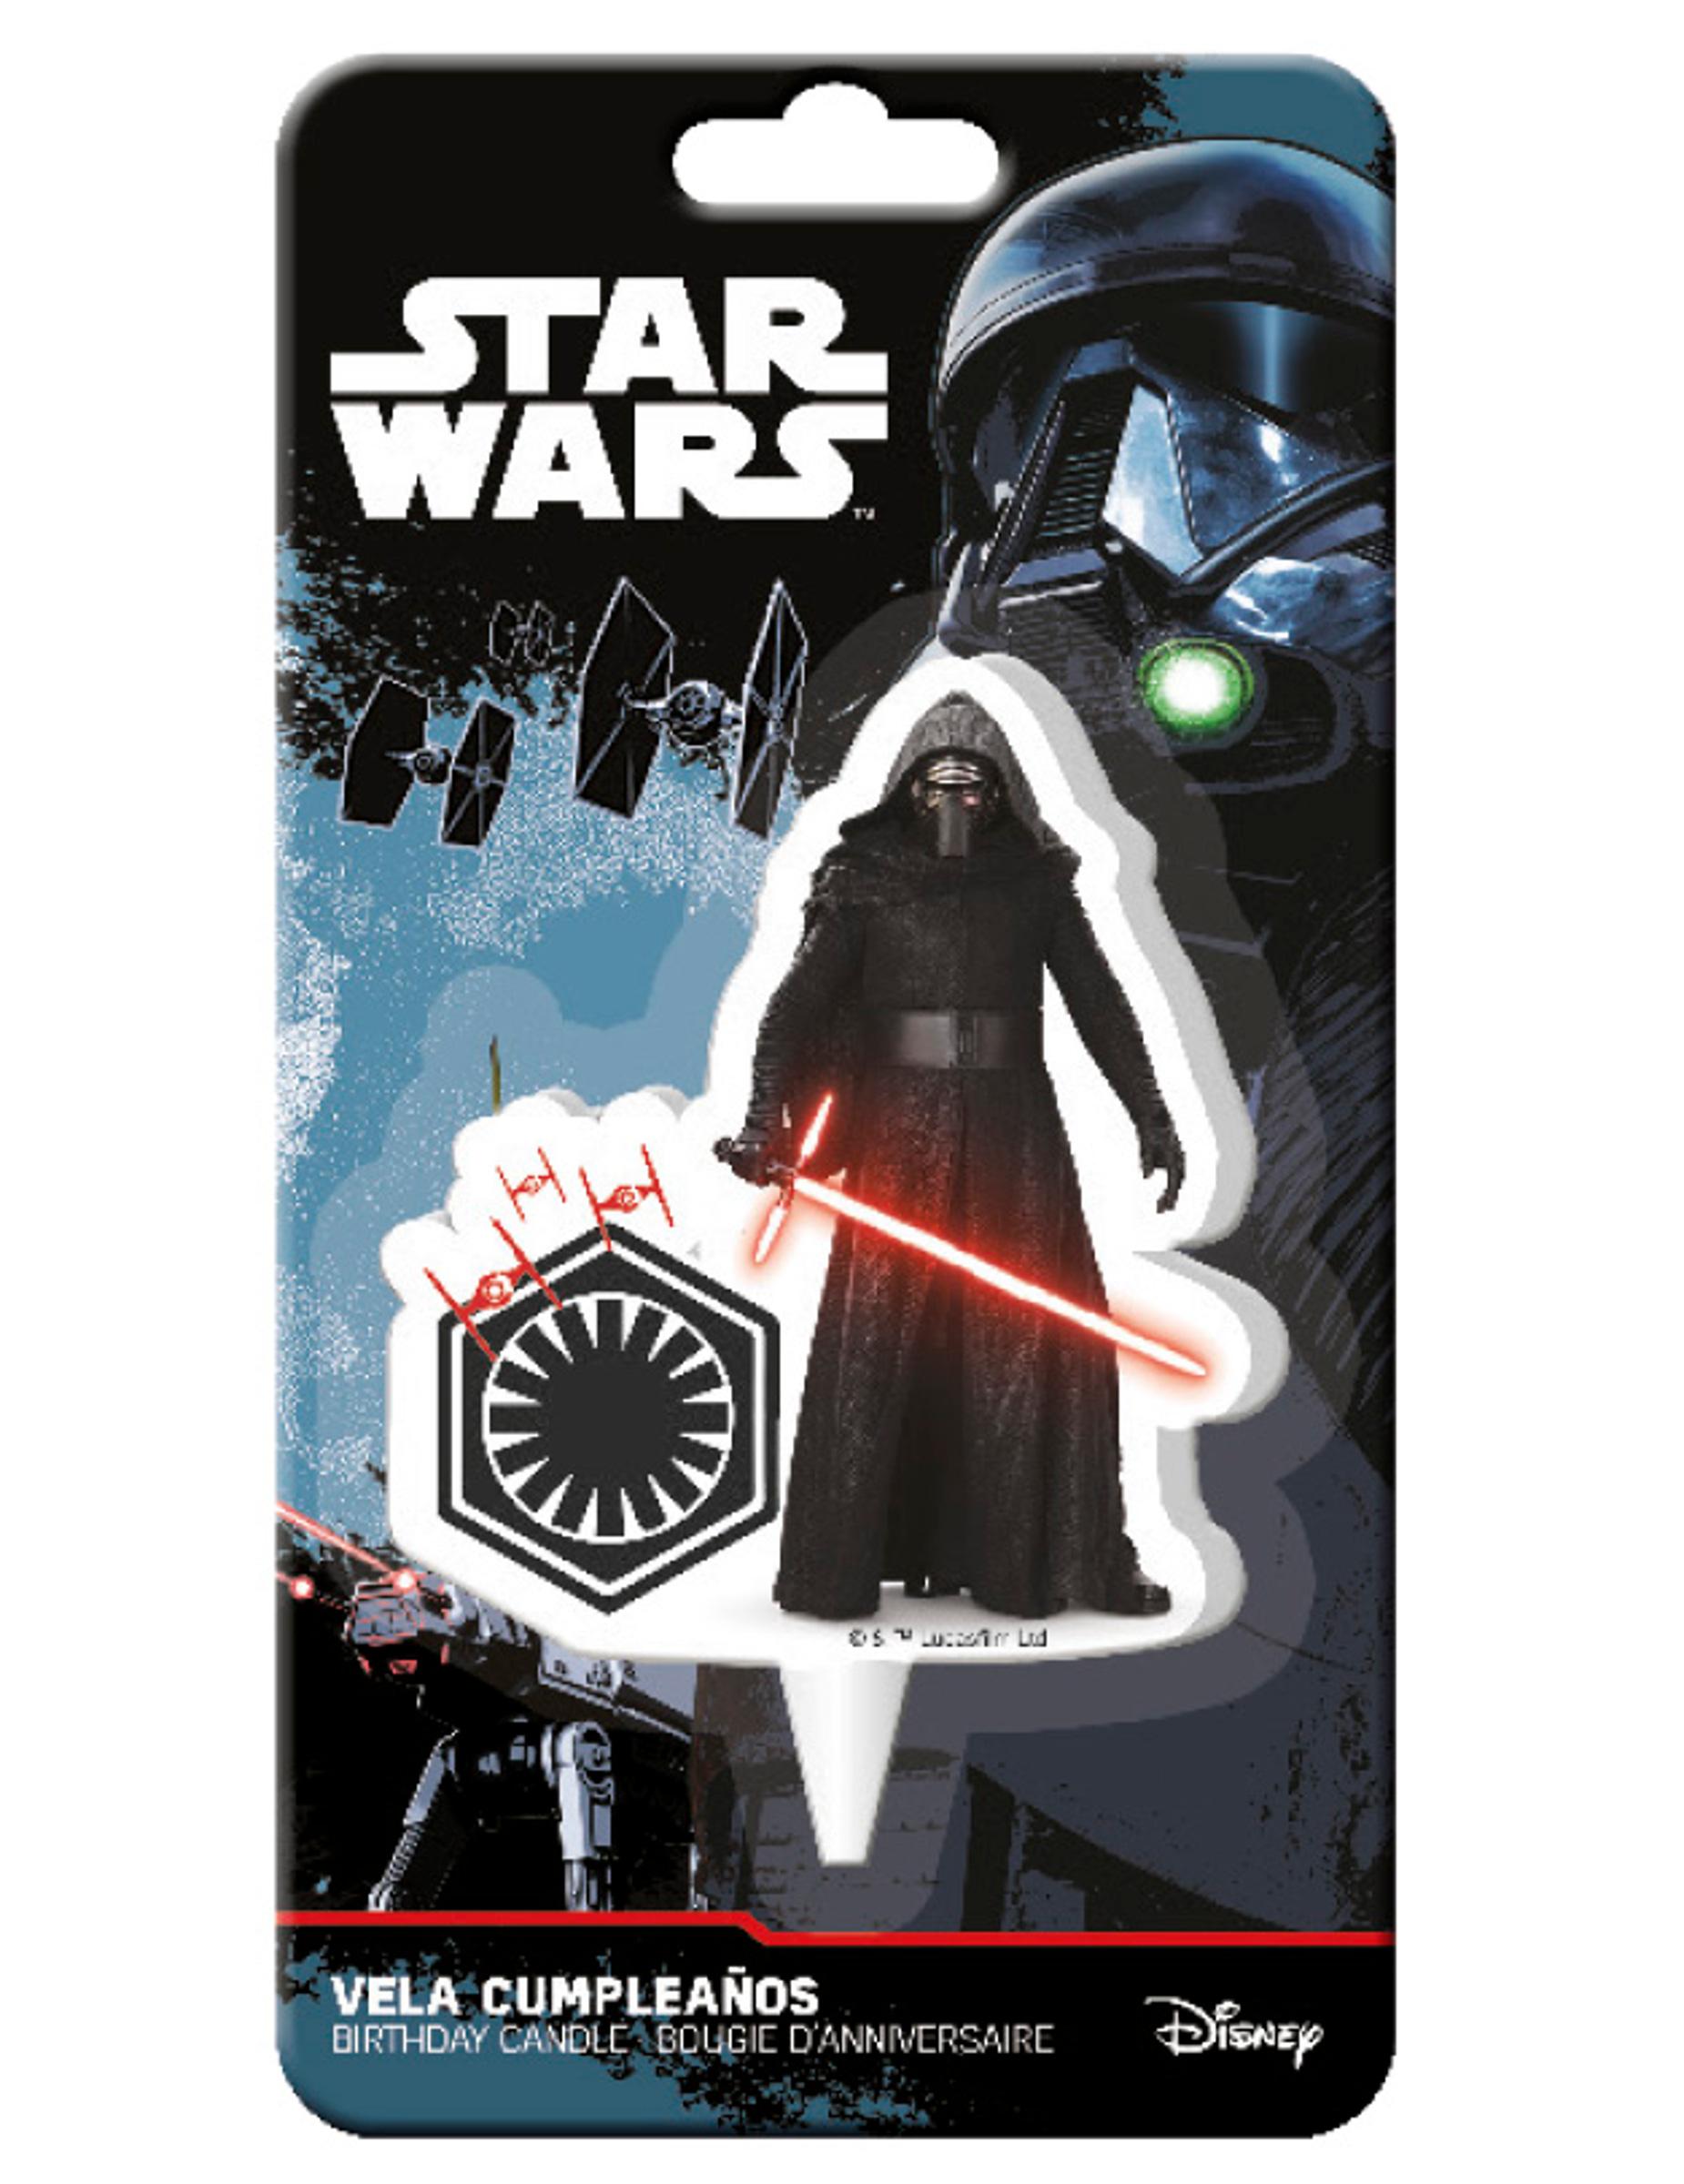 Vela De Cumpleanos Star Wars Vii Decoracion Y Disfraces Originales